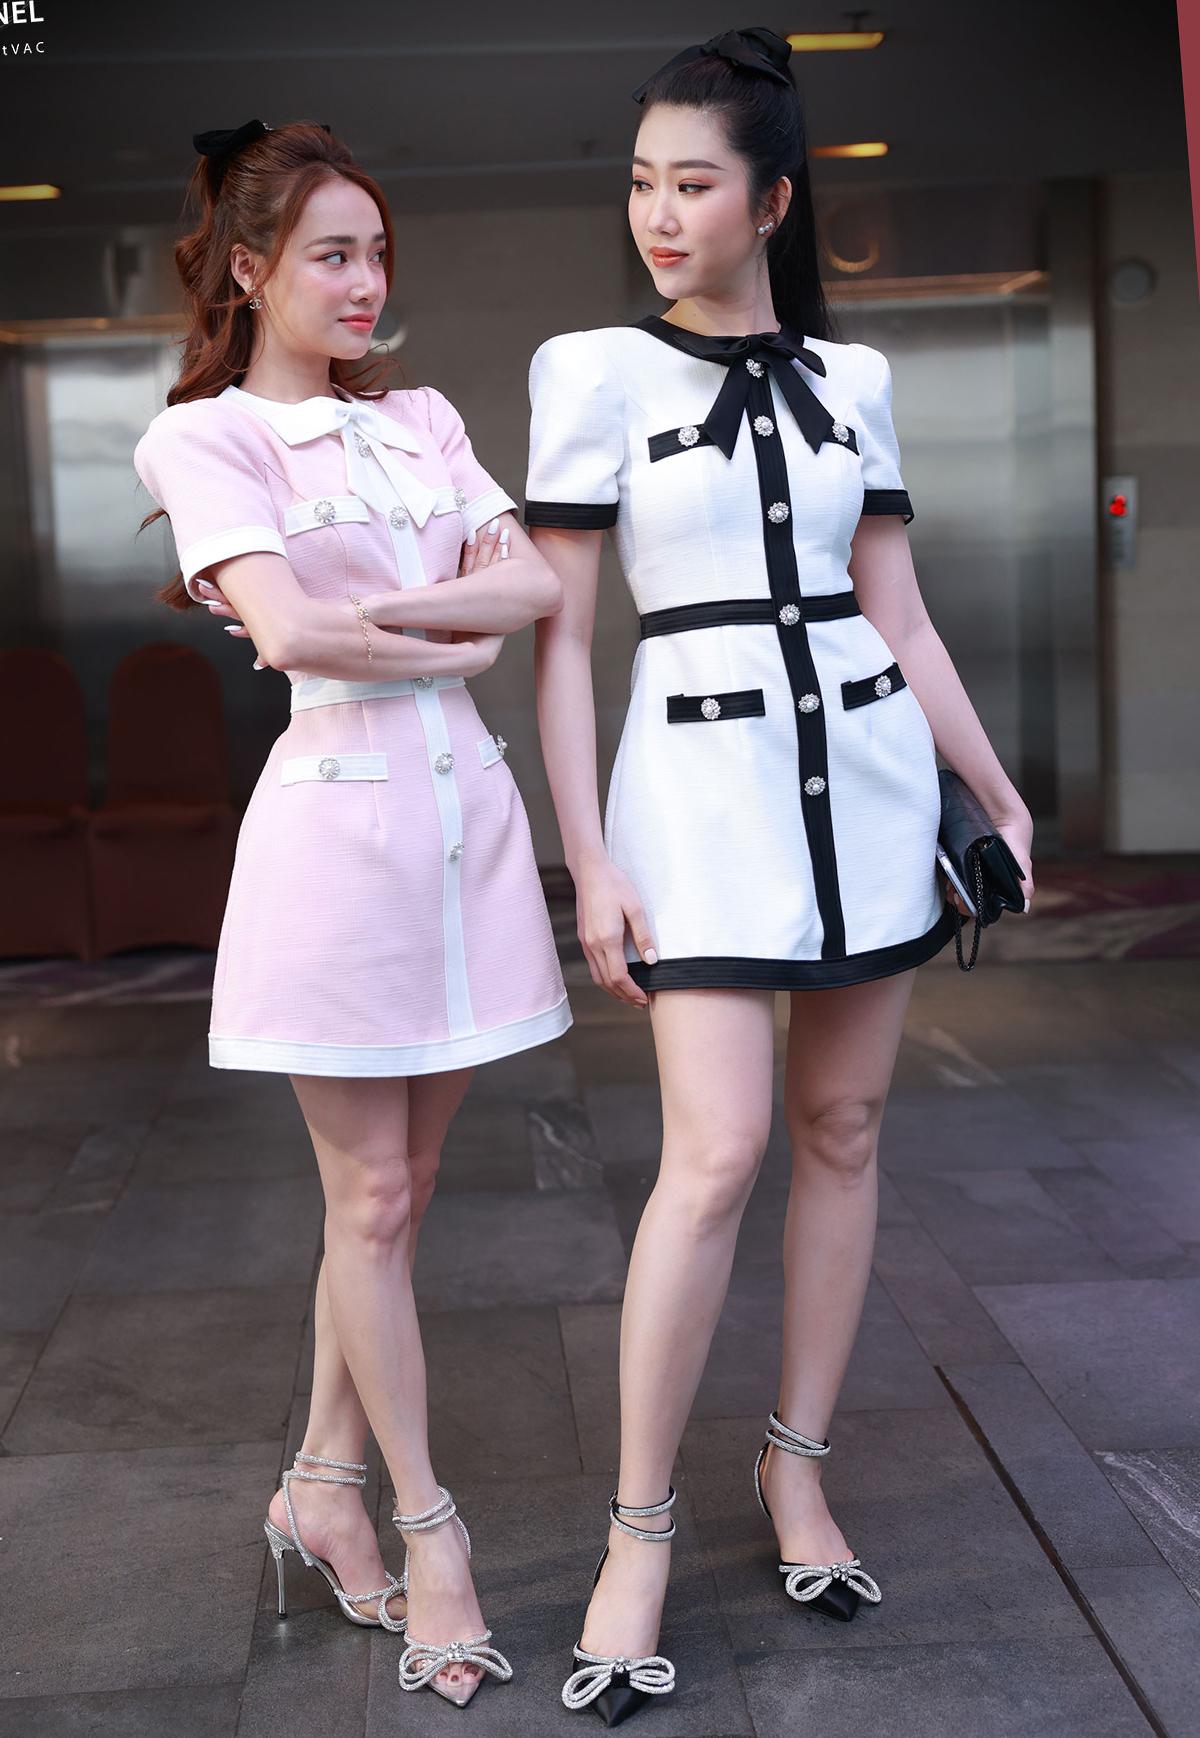 Nhã Phương (trái) và Thúy Ngân trong buổi ra mắt phim Cây Táo nở hoa tại TP HCM, chiều 25/3. Ảnh: VieChannel.